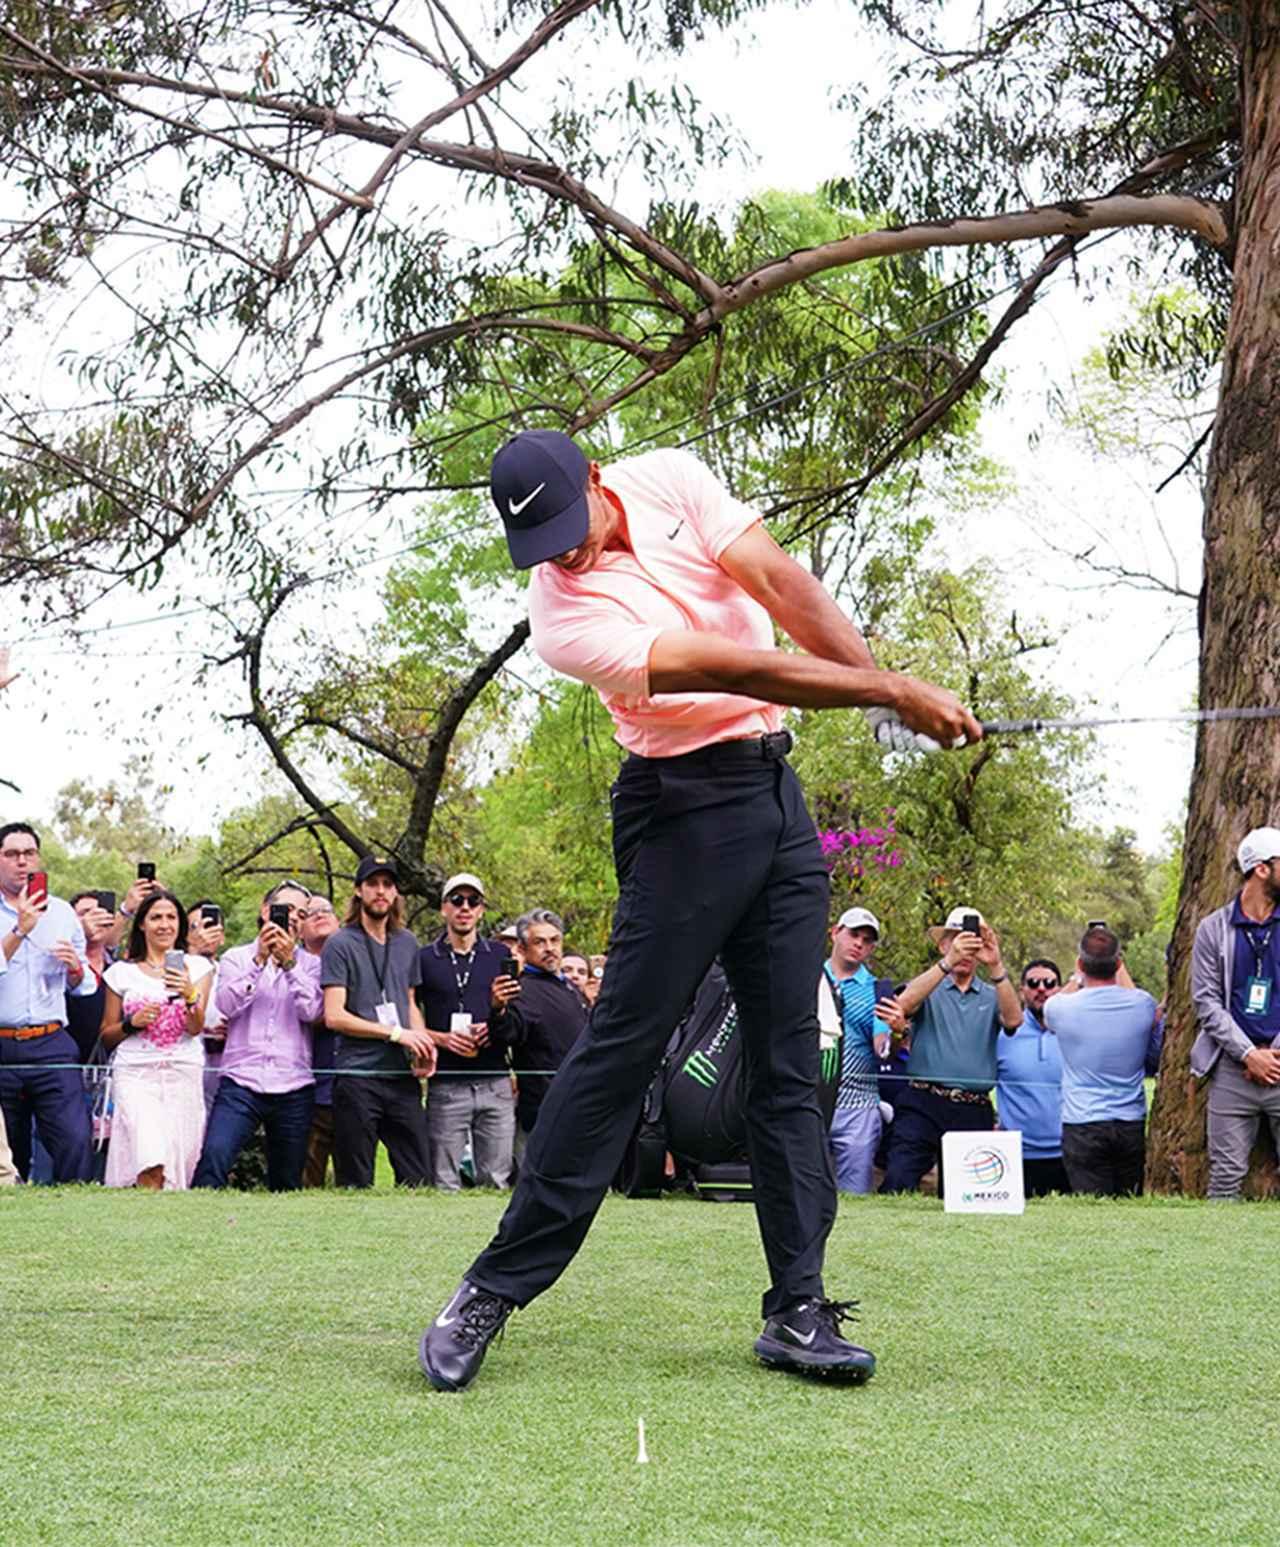 画像23: 【平成スウィング変遷史②】タイガー・ウッズが切り開いたパワーゴルフの時代